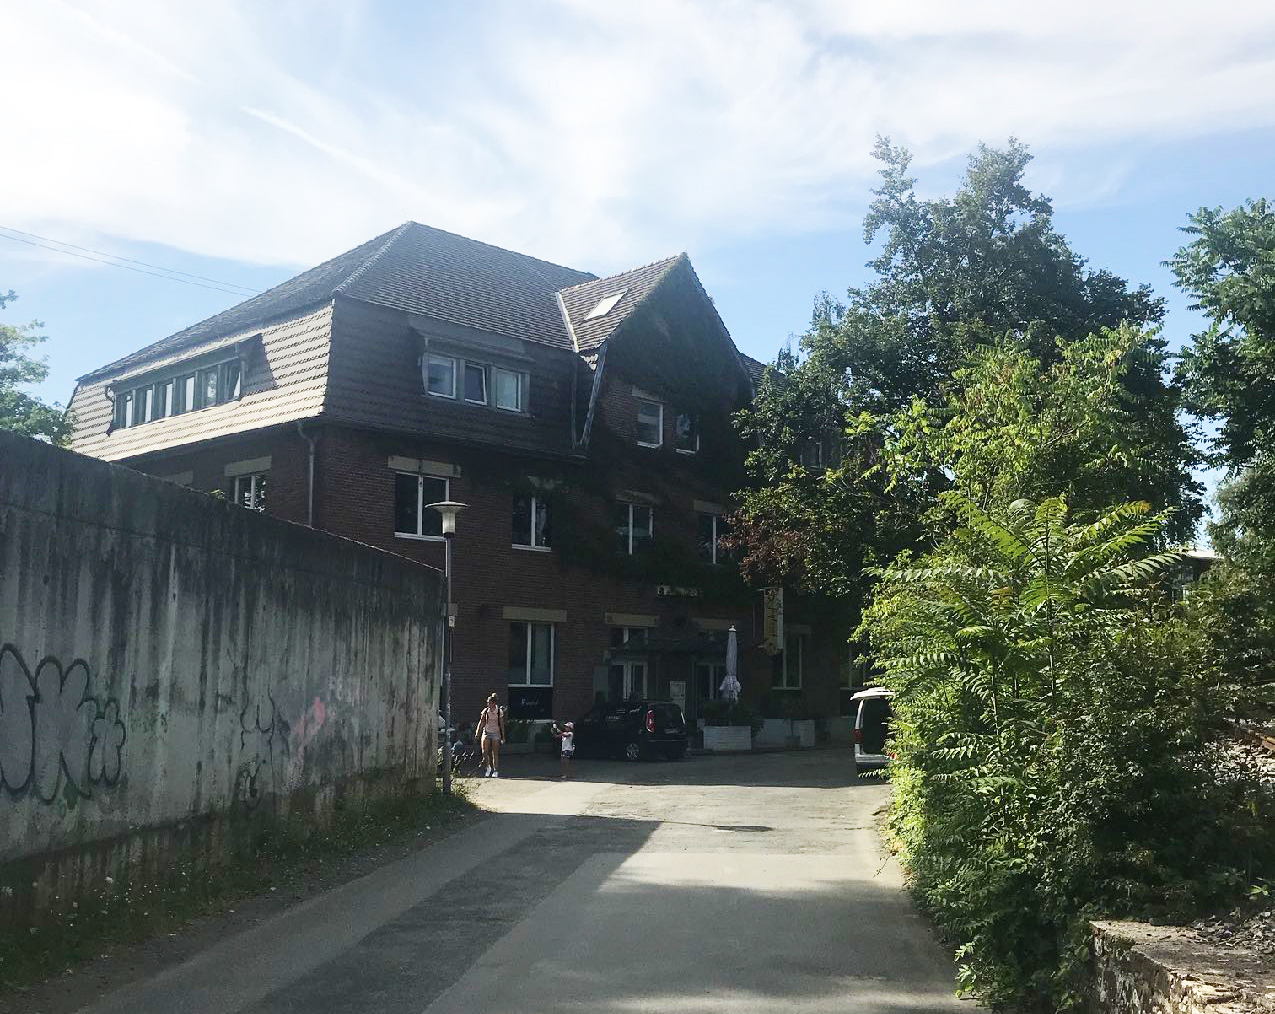 Zufahrt zum Büro: links Betonwand, rechts Bäume, am Ende dreigeschossiger Bau, Zugang frontal